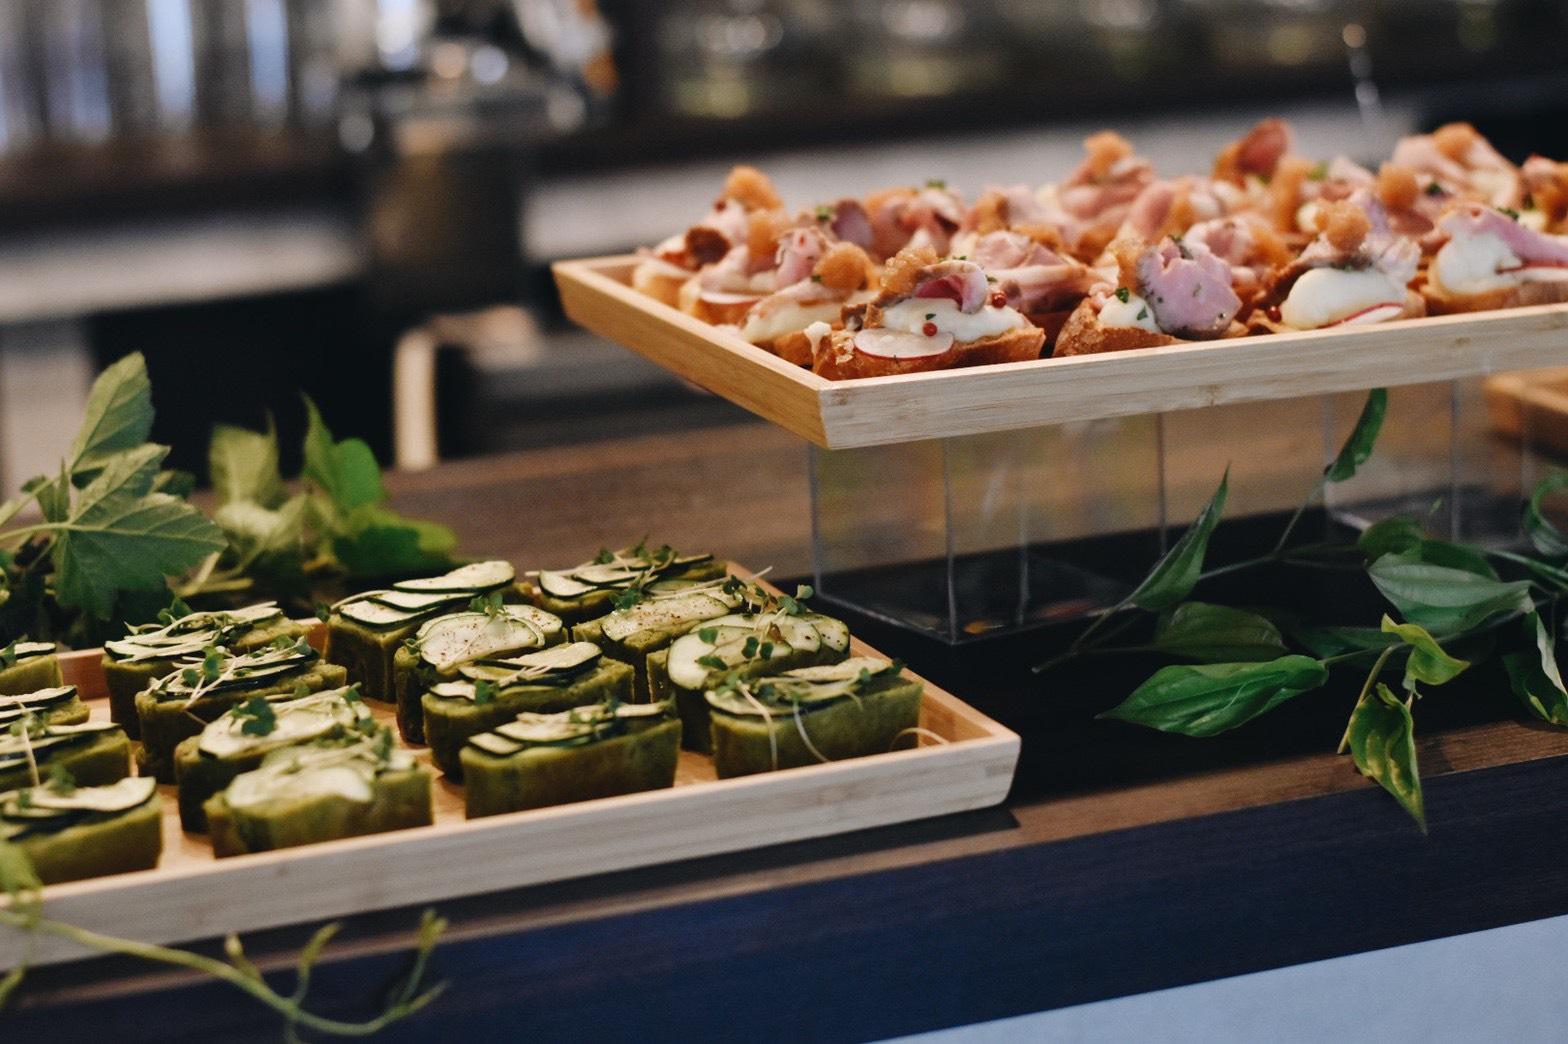 「料理はみんなが幸せになれる、すてきな仕事」フリーランスのフレンチ料理人 さらさんインタビュー